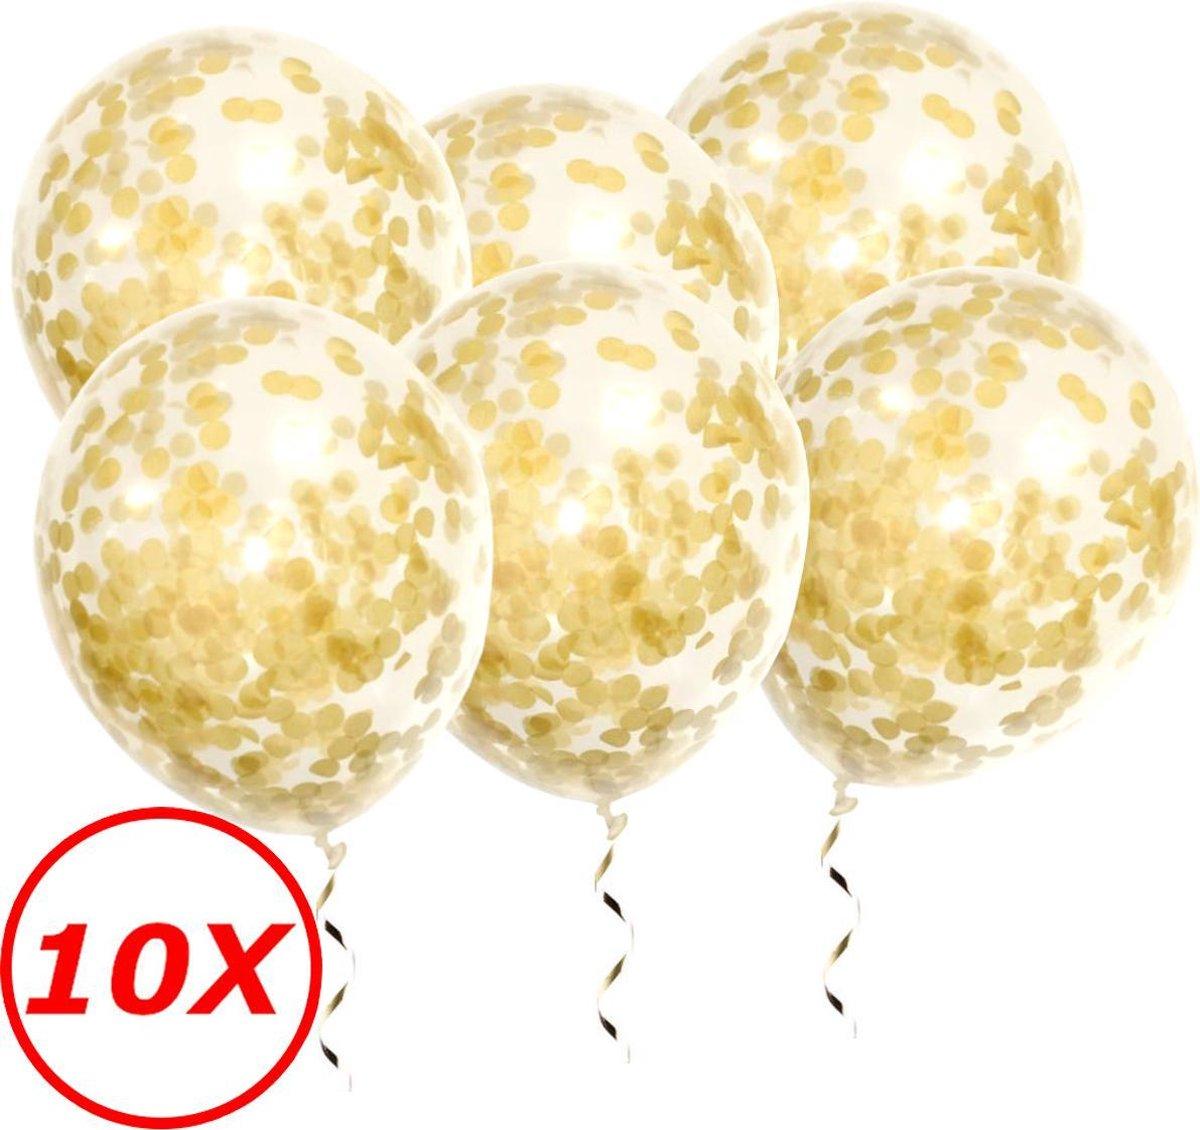 Gouden Confetti Ballonnen 10 Stuks Luxe Feestversiering Verjaardag Bruiloft Ballon Goud Papier Confe